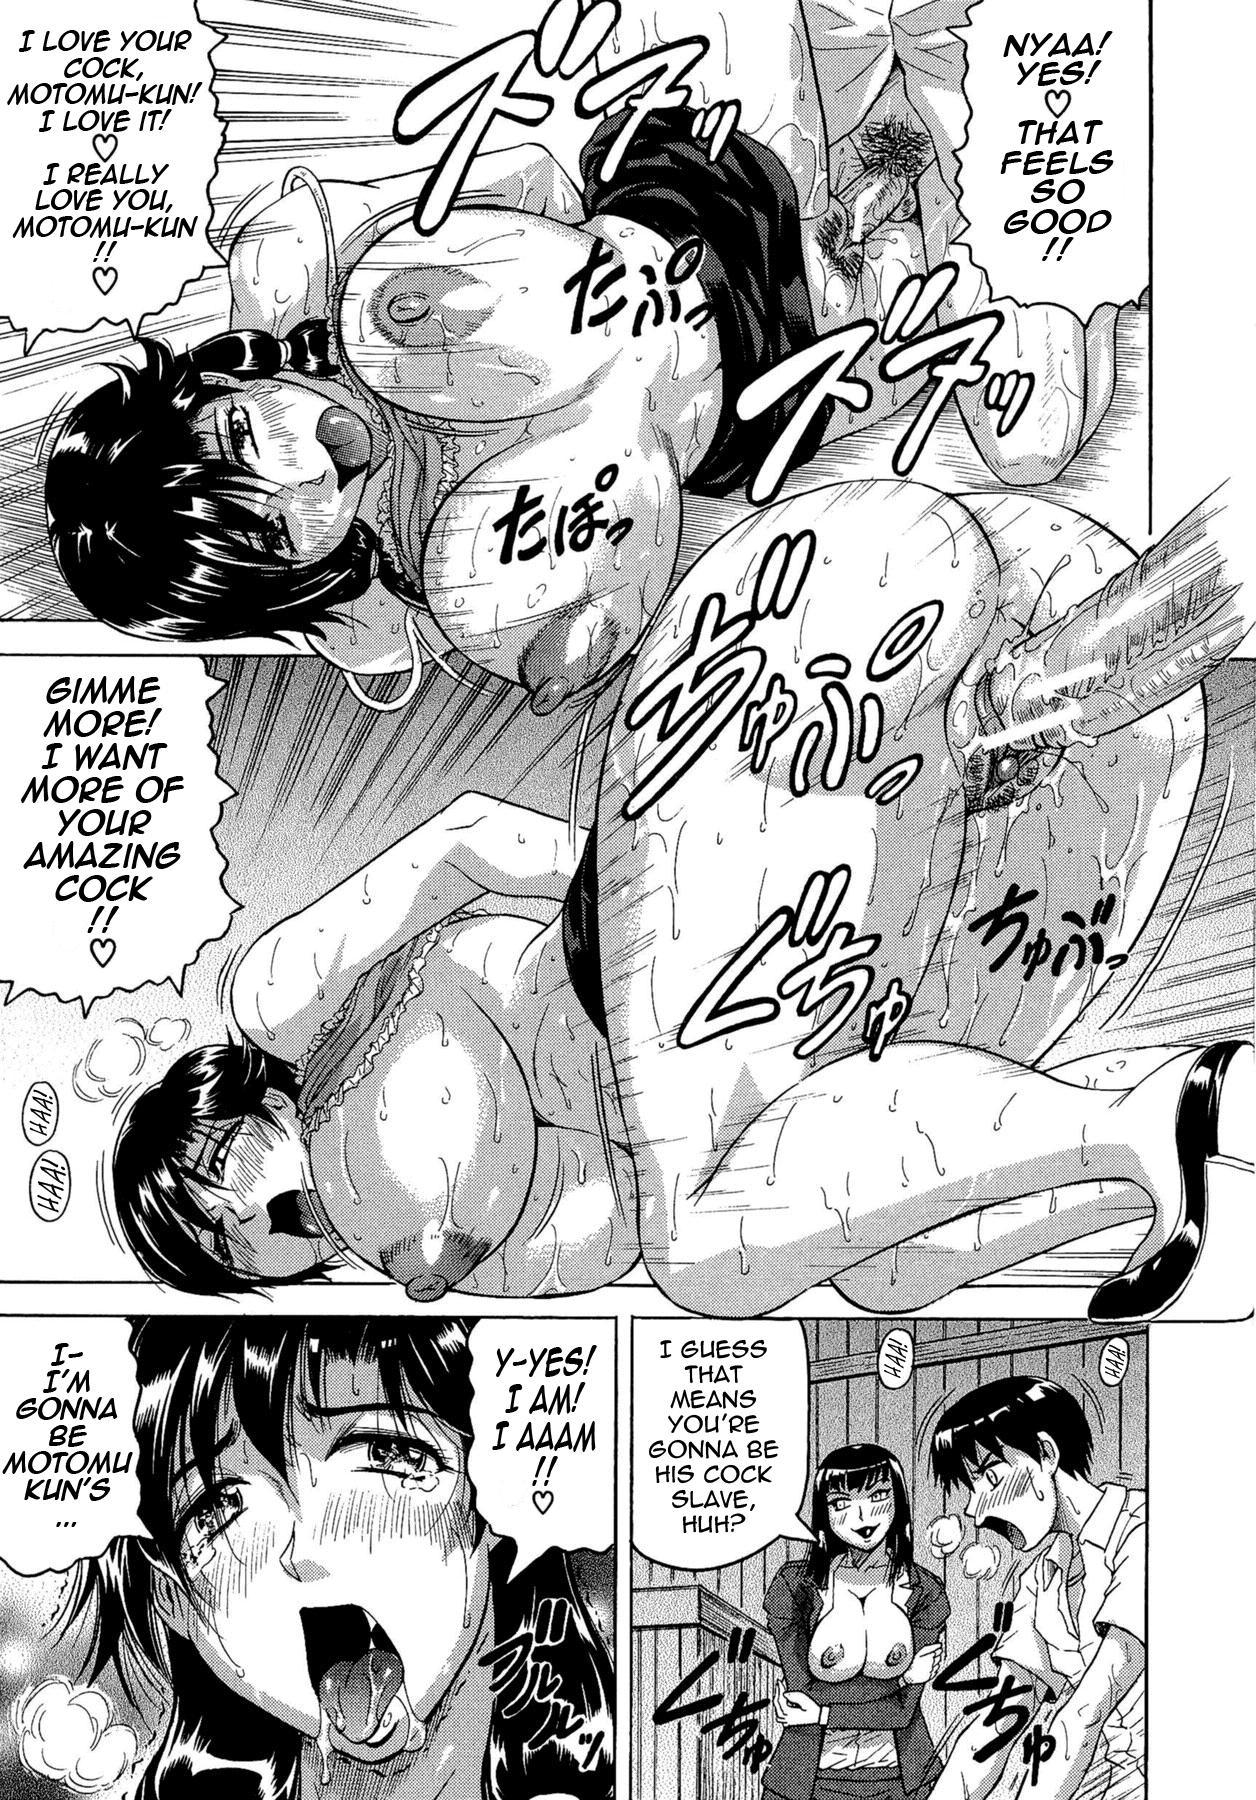 [Jamming] Koibito ha Tonari no Oneesan (Hatsujyouki) | My Lover is the Girl Next Door [English] {Tadanohito} 100